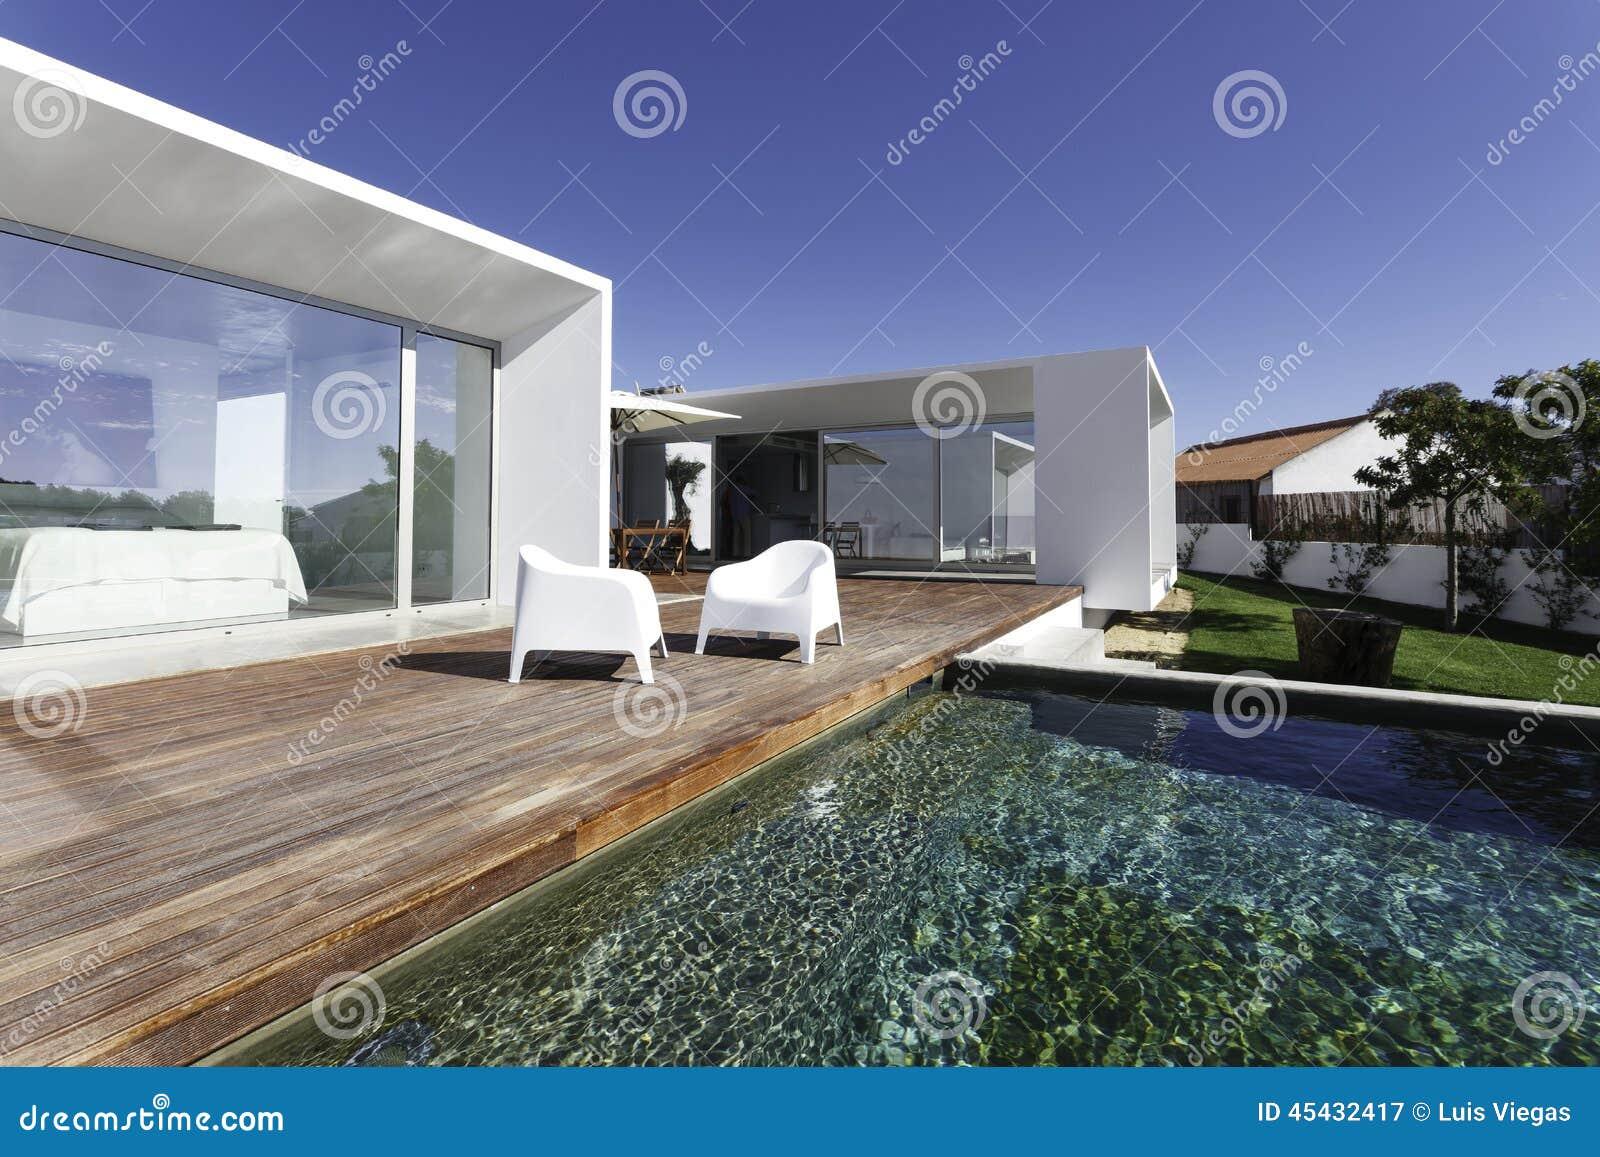 Casa con la piscina del jard n y la cubierta de madera for Casas con jardin y piscina